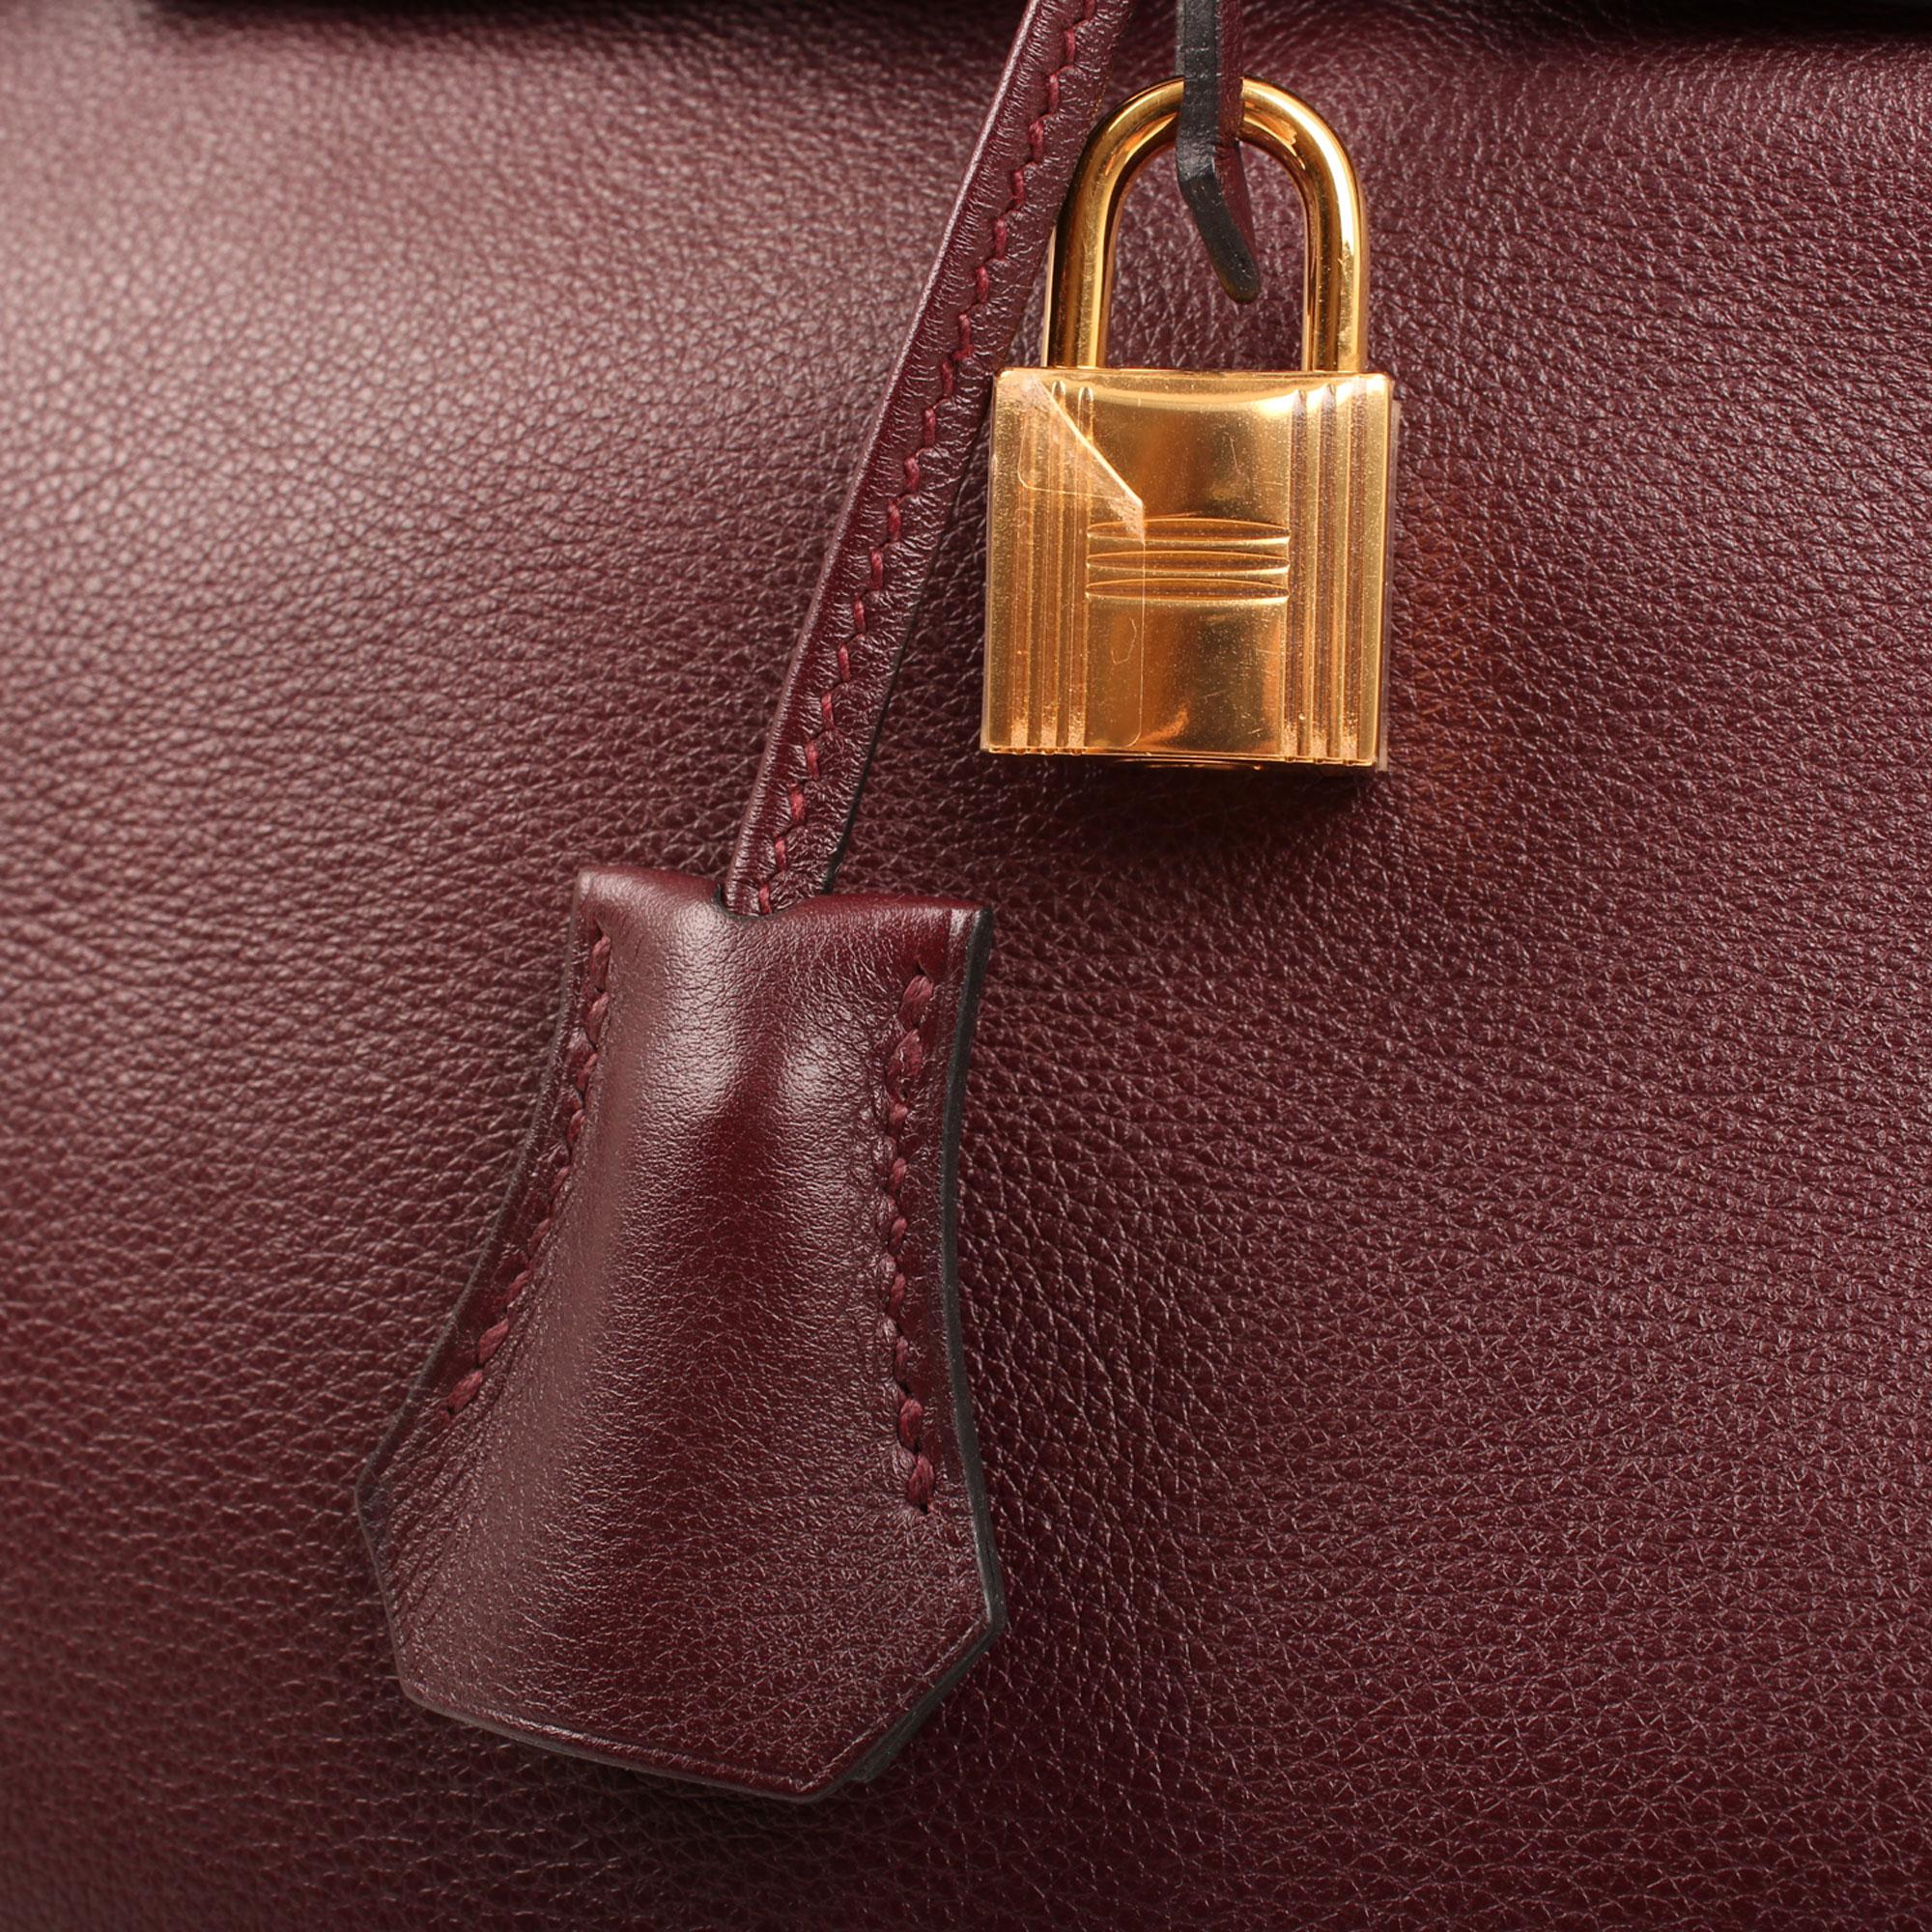 Imagen de los detalles de los accesorios del bolso hermes birkin 30 sikkim rouge ash